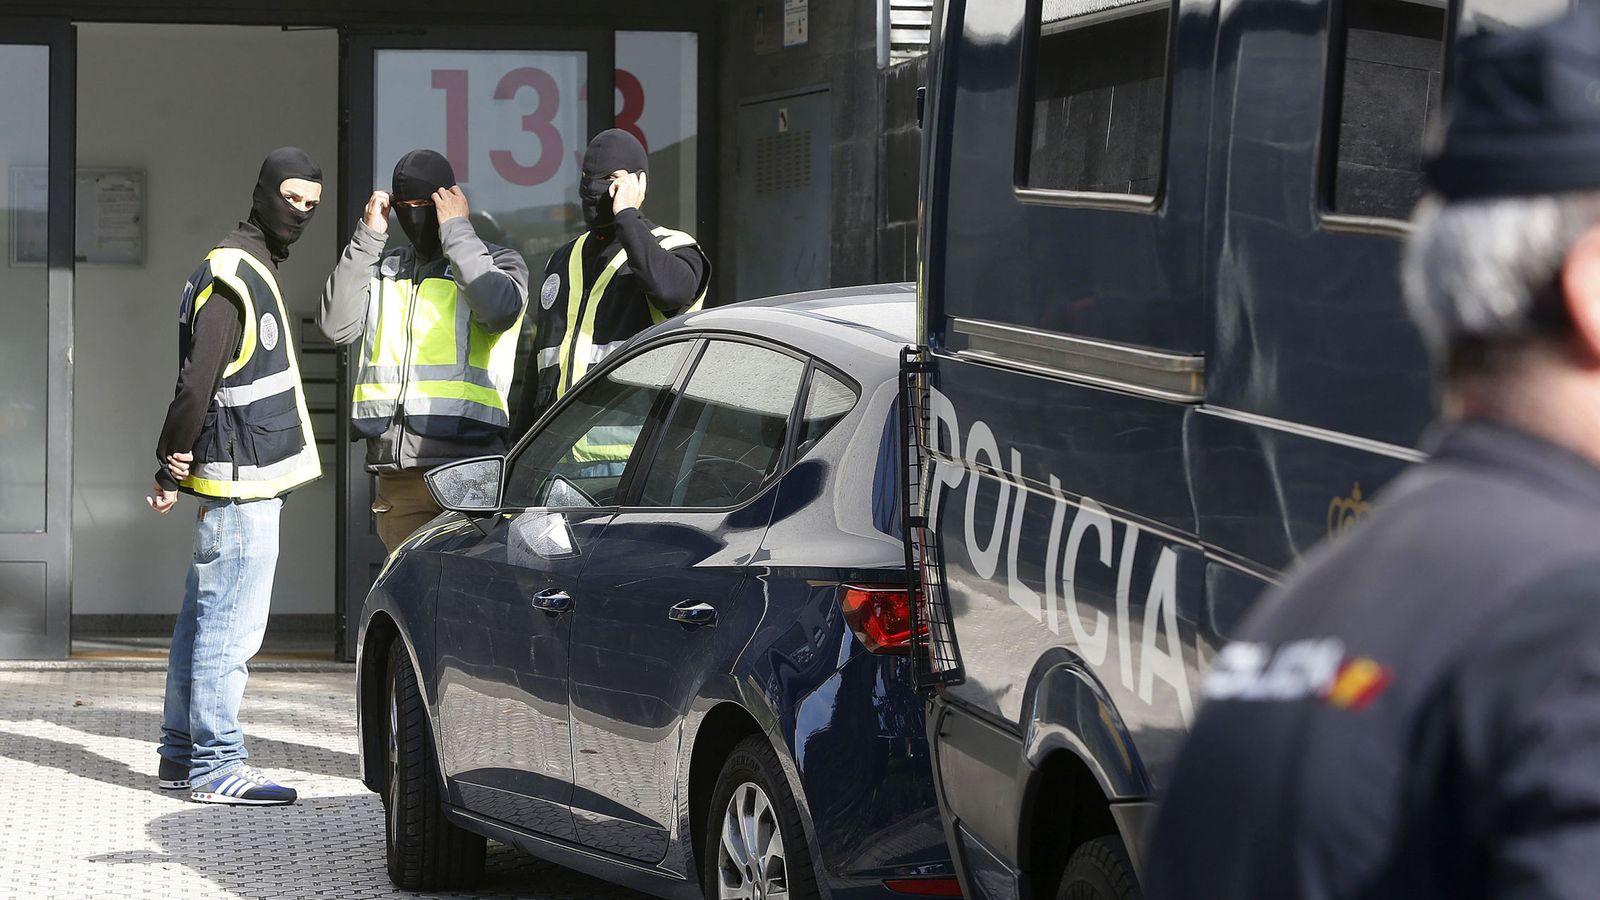 Foto: Miembros de la Comisaría General de Información de la Policía Nacional durante una operación. (EFE)